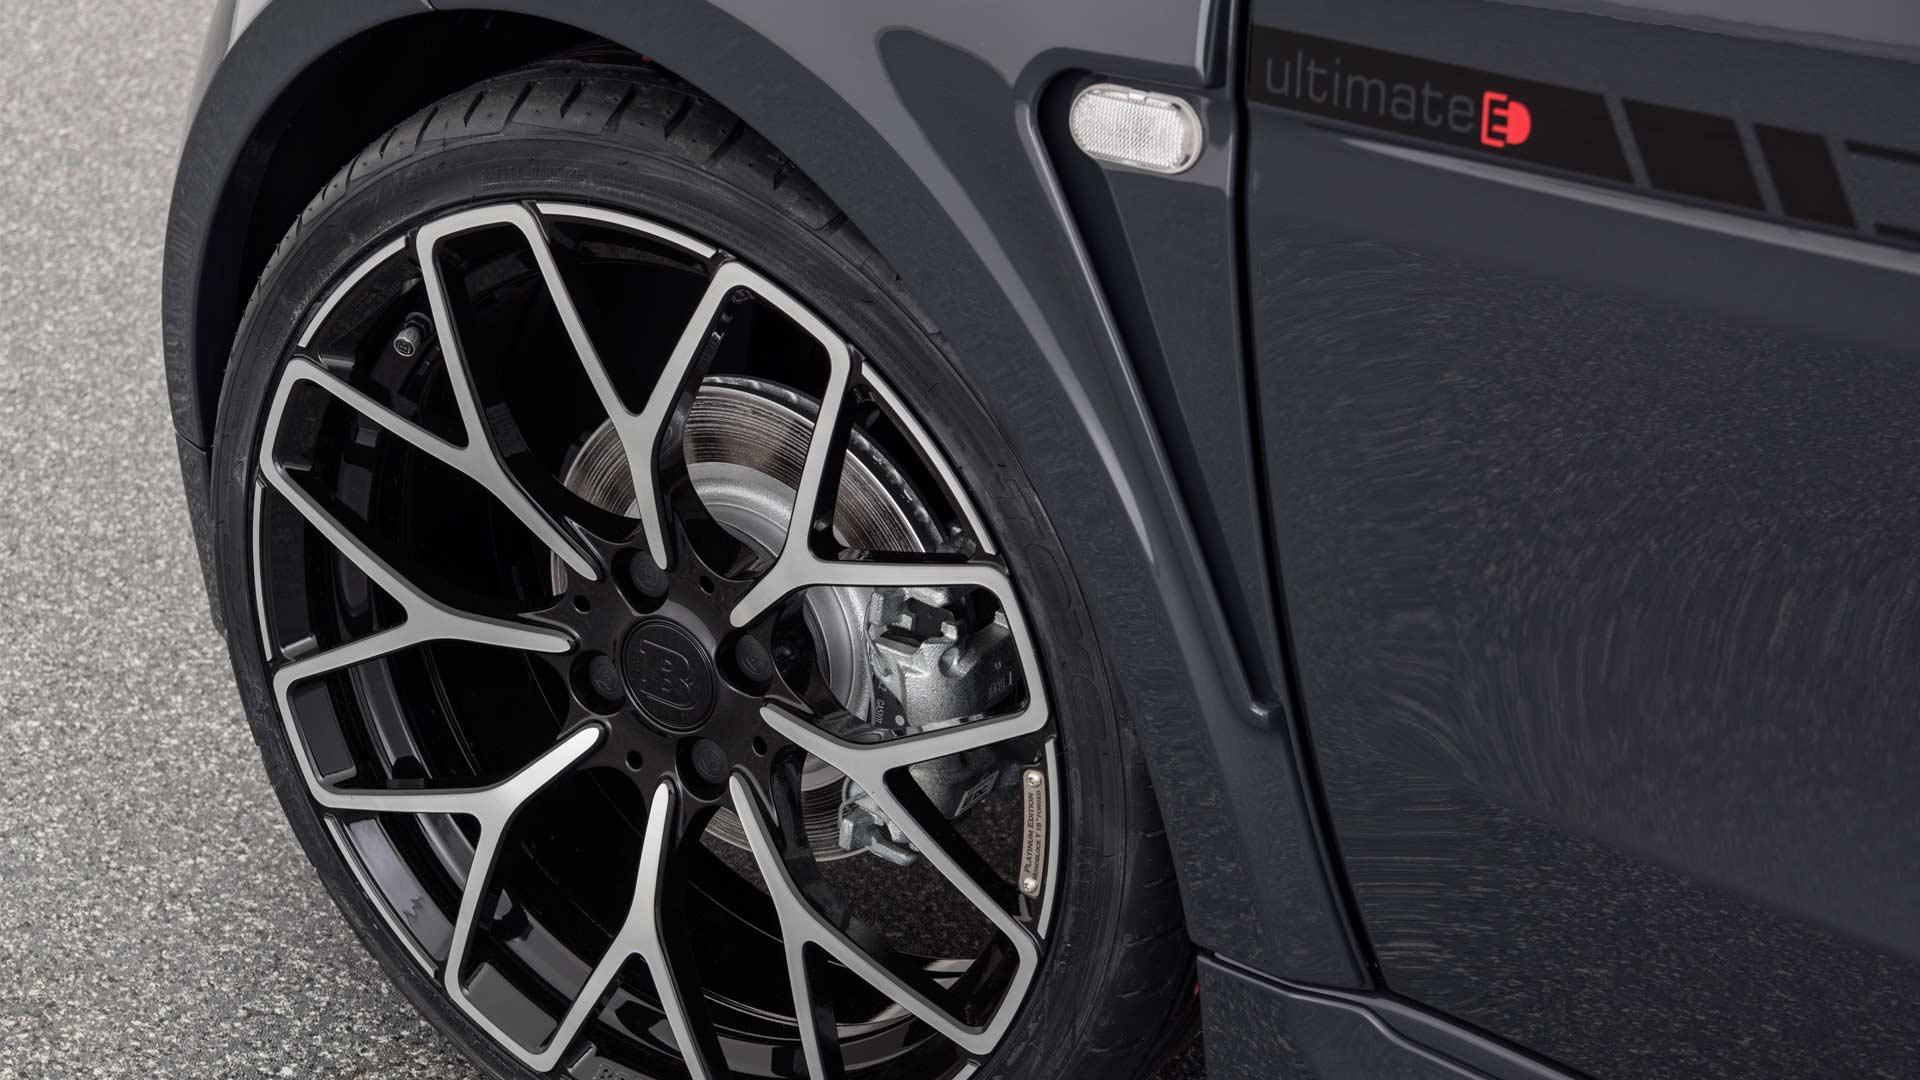 Brabus Ultimate E Shadow Edition smart EQ fortwo cabrio Wheels